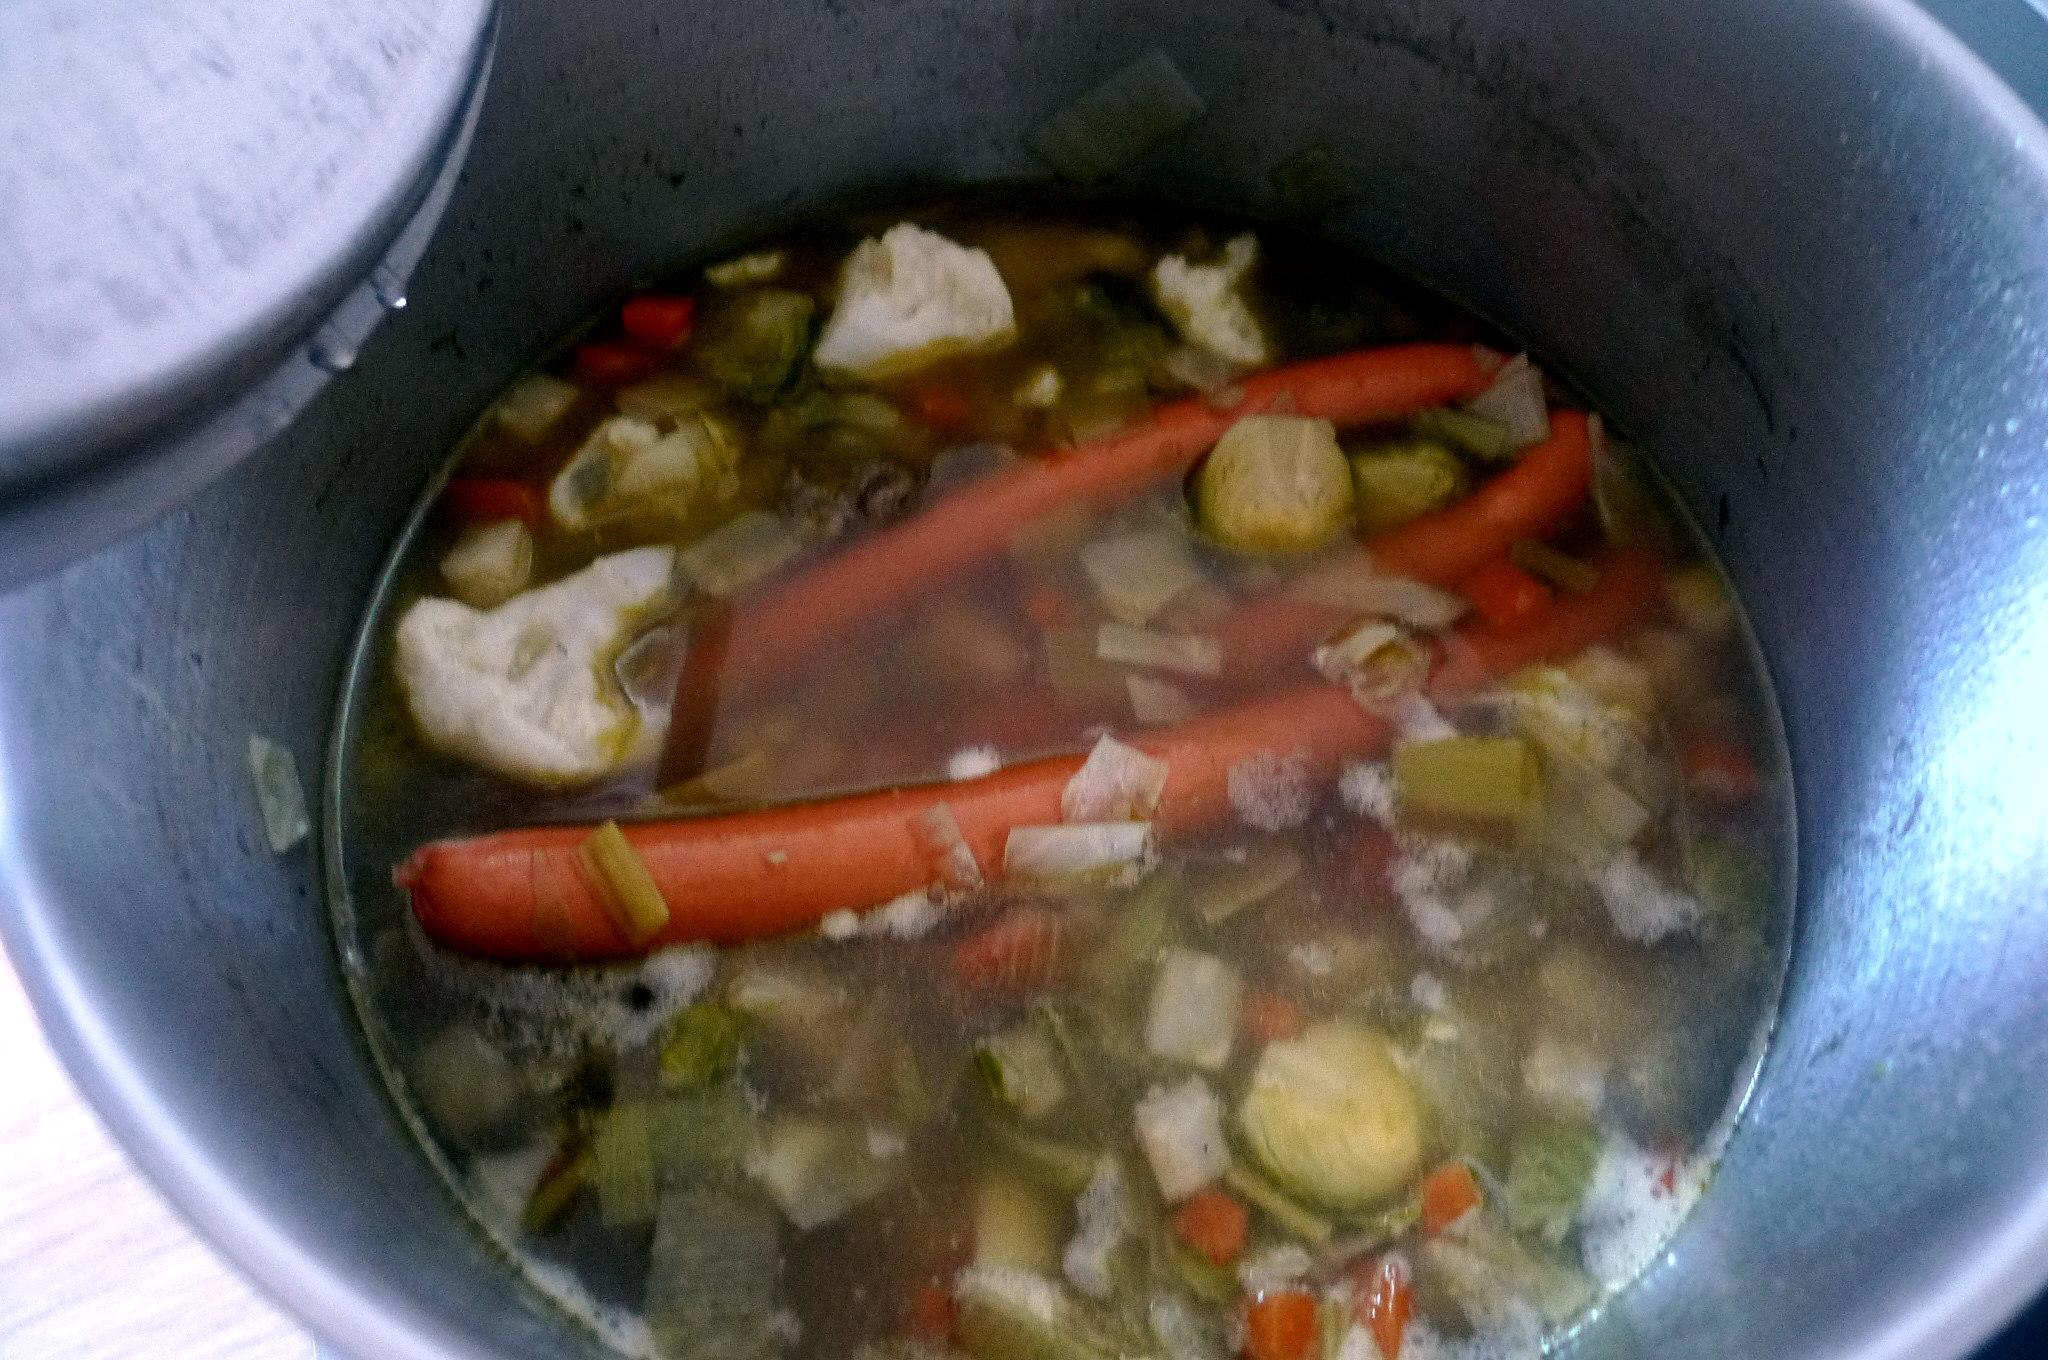 gemusesuppe-mit-nudeln-und-wiener-10